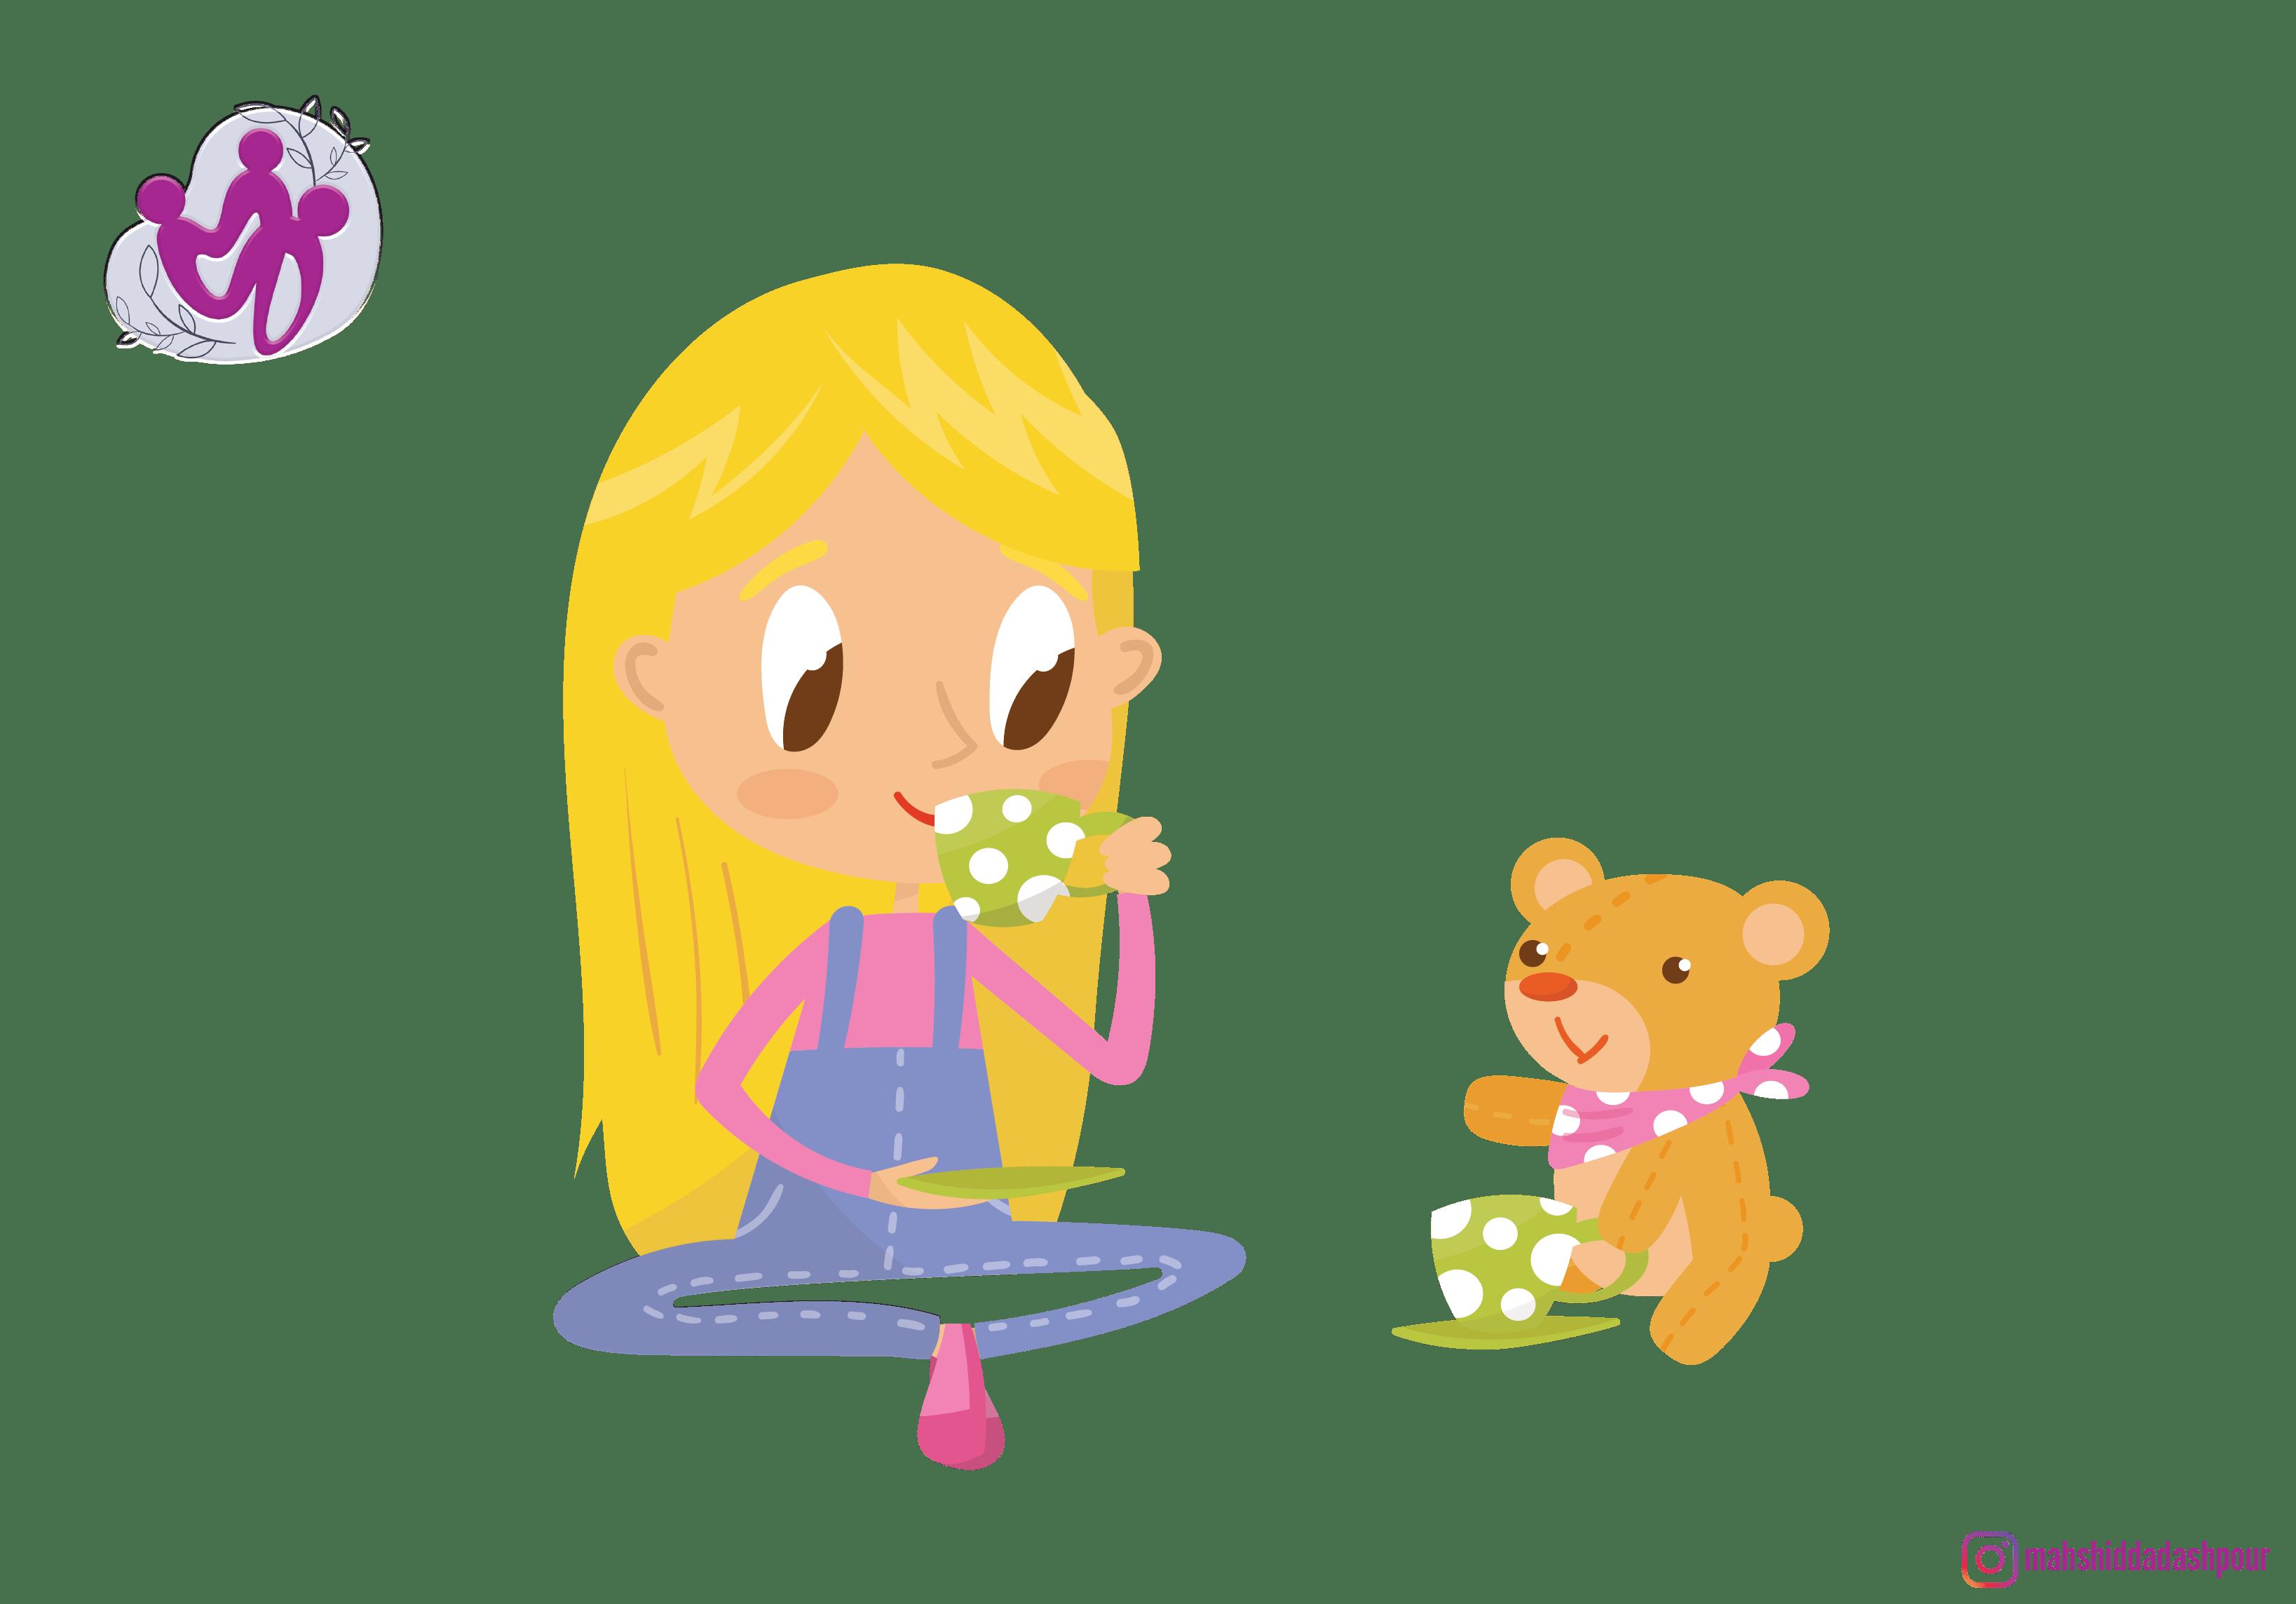 تنها بازی کردن کودک خوب است یا بد؟